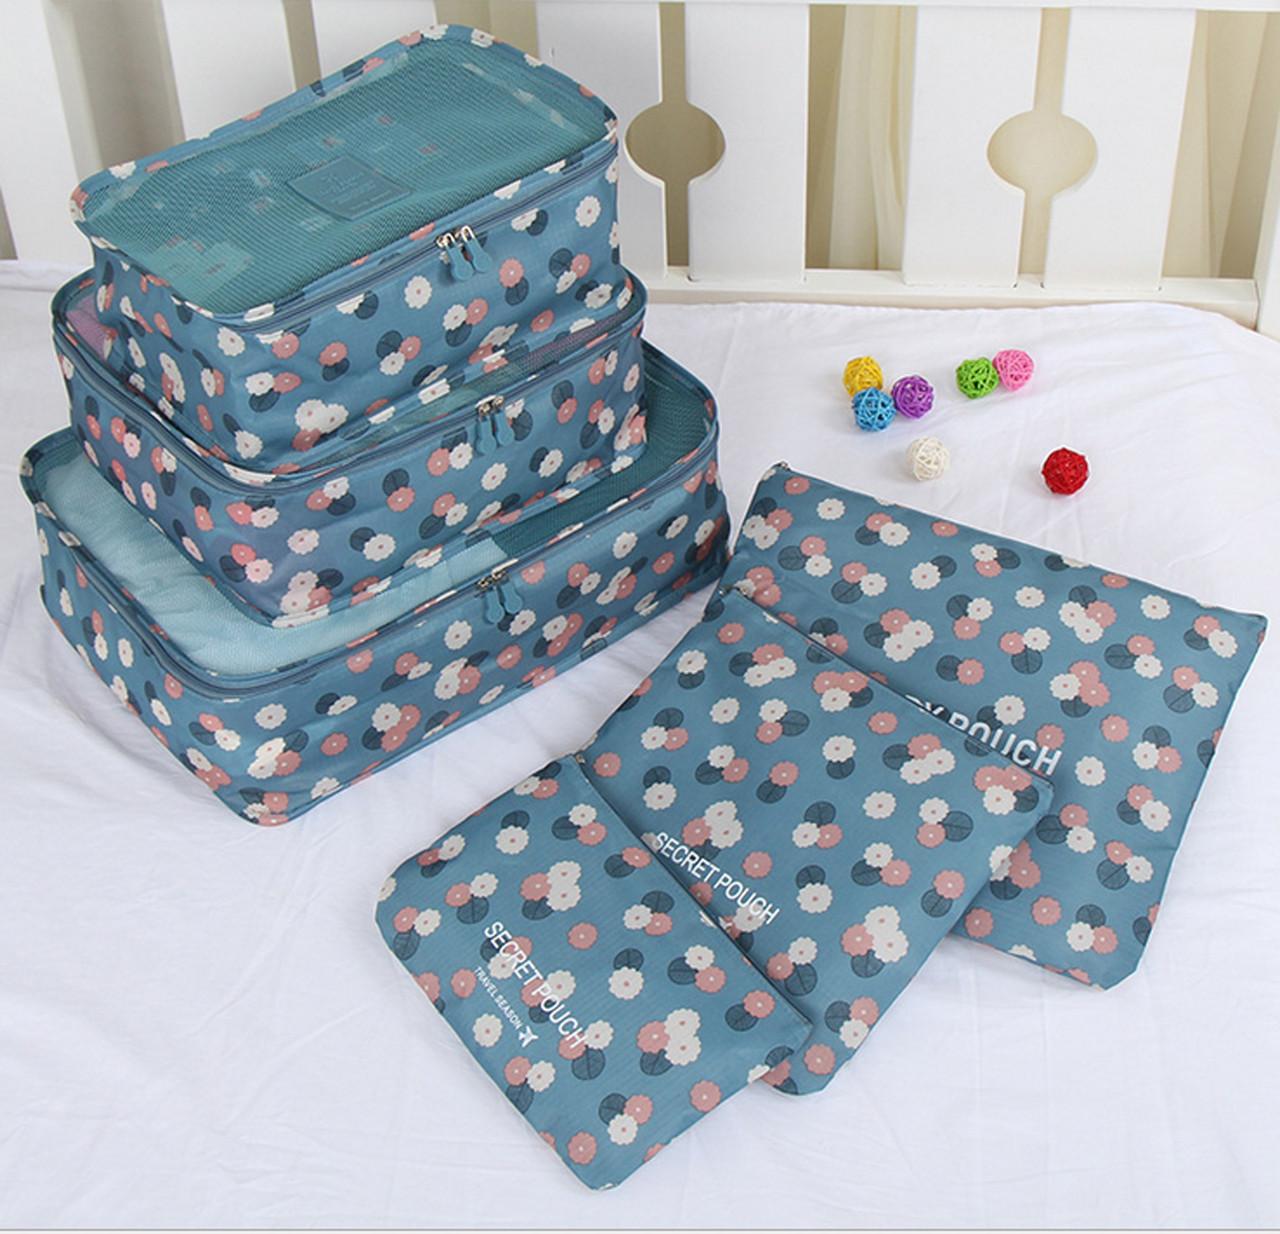 Набор дорожных сумок для путешествия из 6 штук голубой